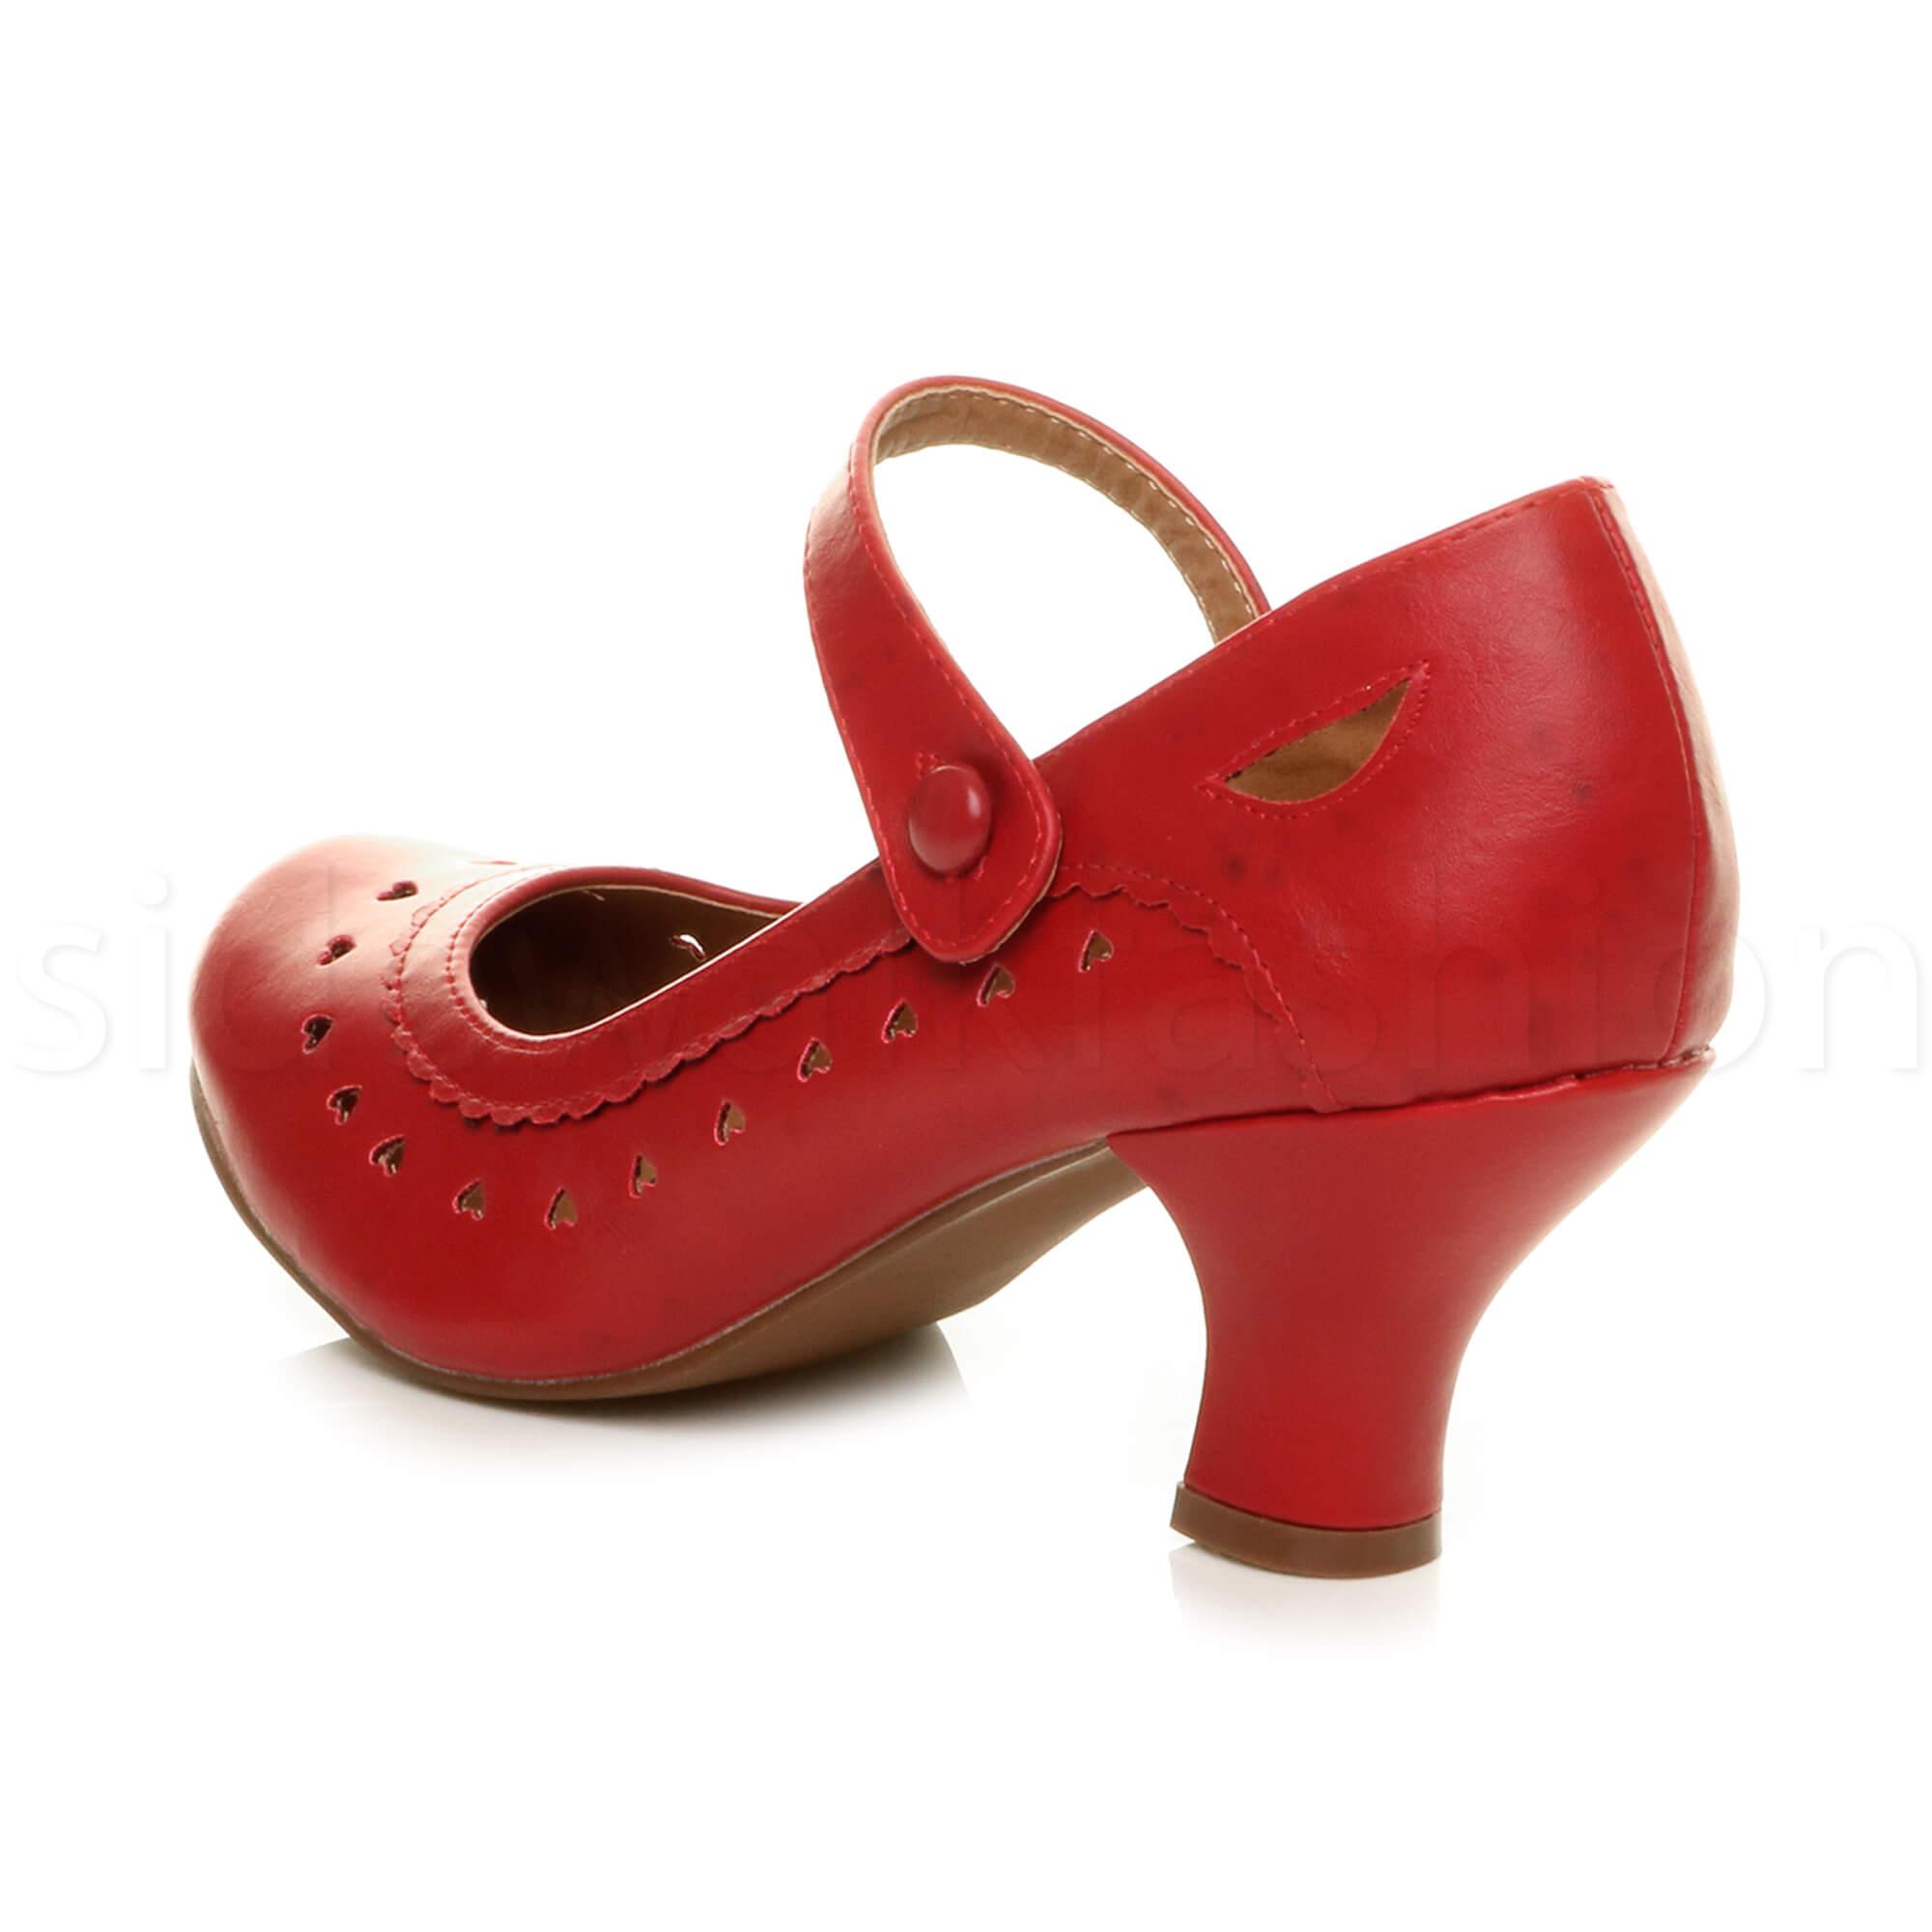 miniatura 47 - Da Donna Donna Stiletto Basso Mary Jane Stile Scarpe Eleganti Lavoro Pompe Dimensione